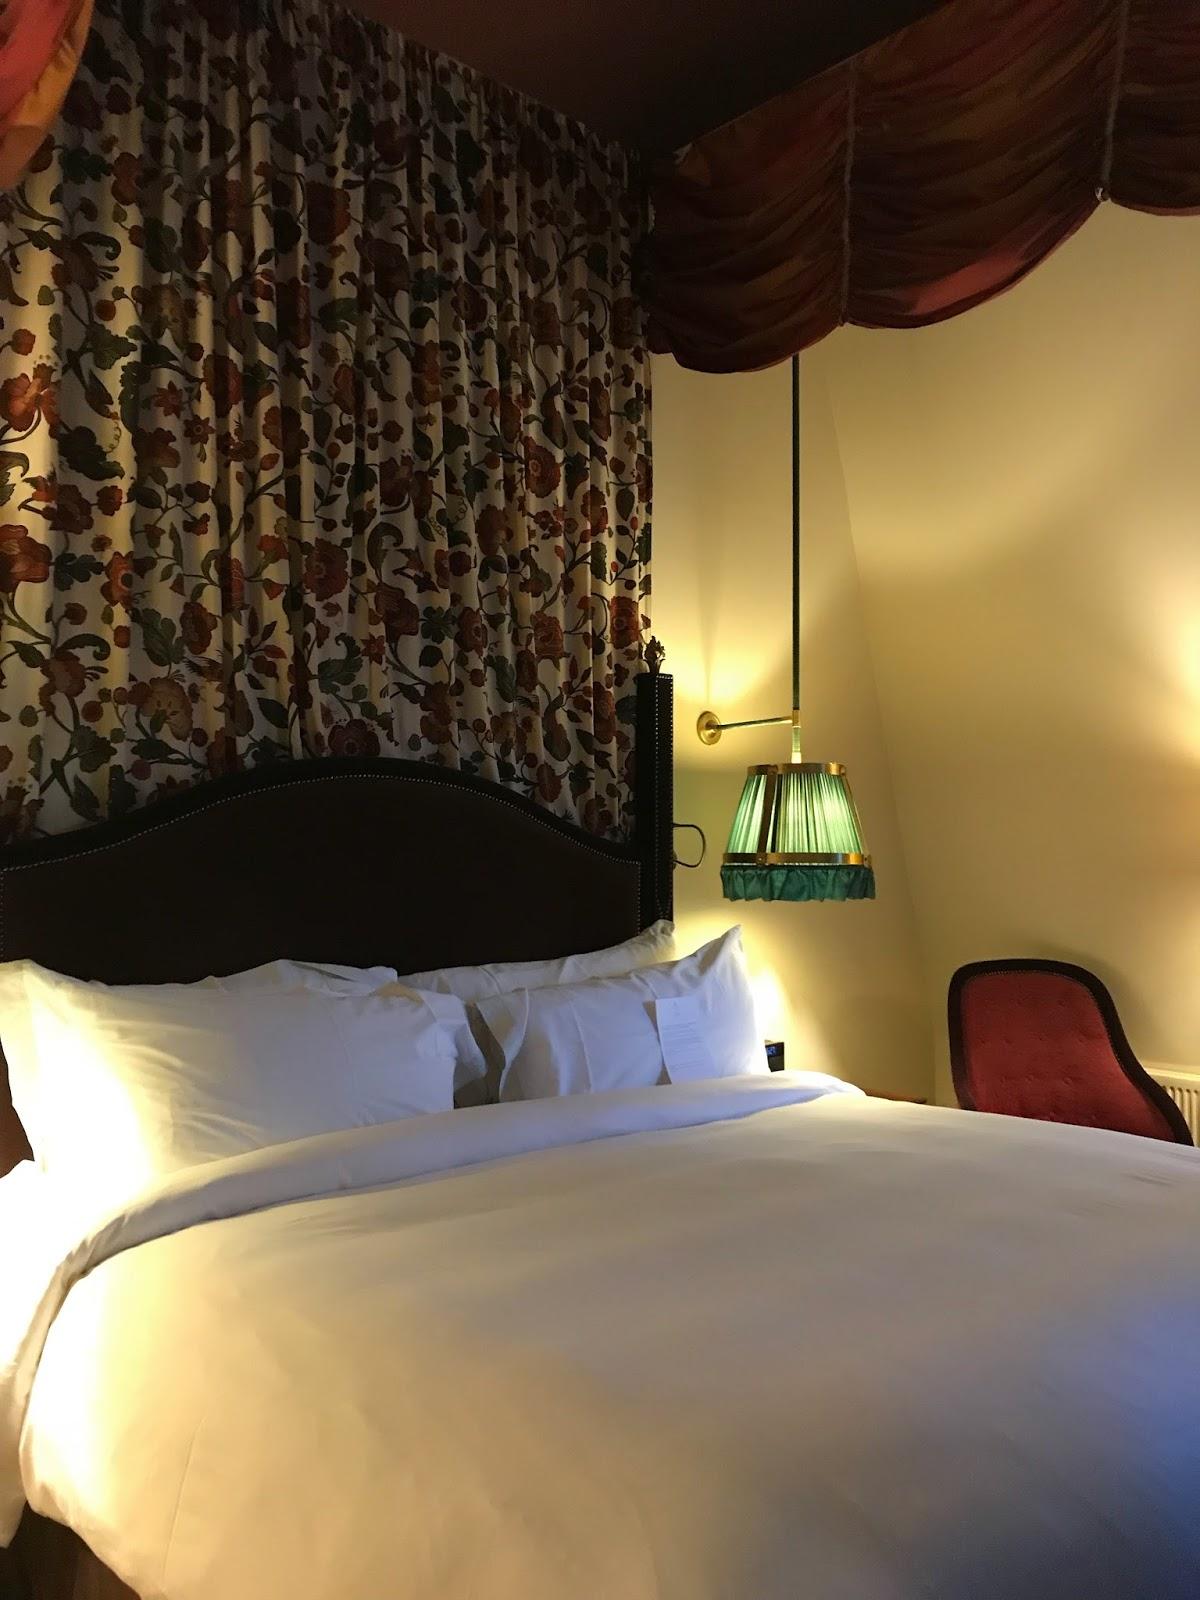 Luxury Palace Suite Hotel Des Indes The Hague